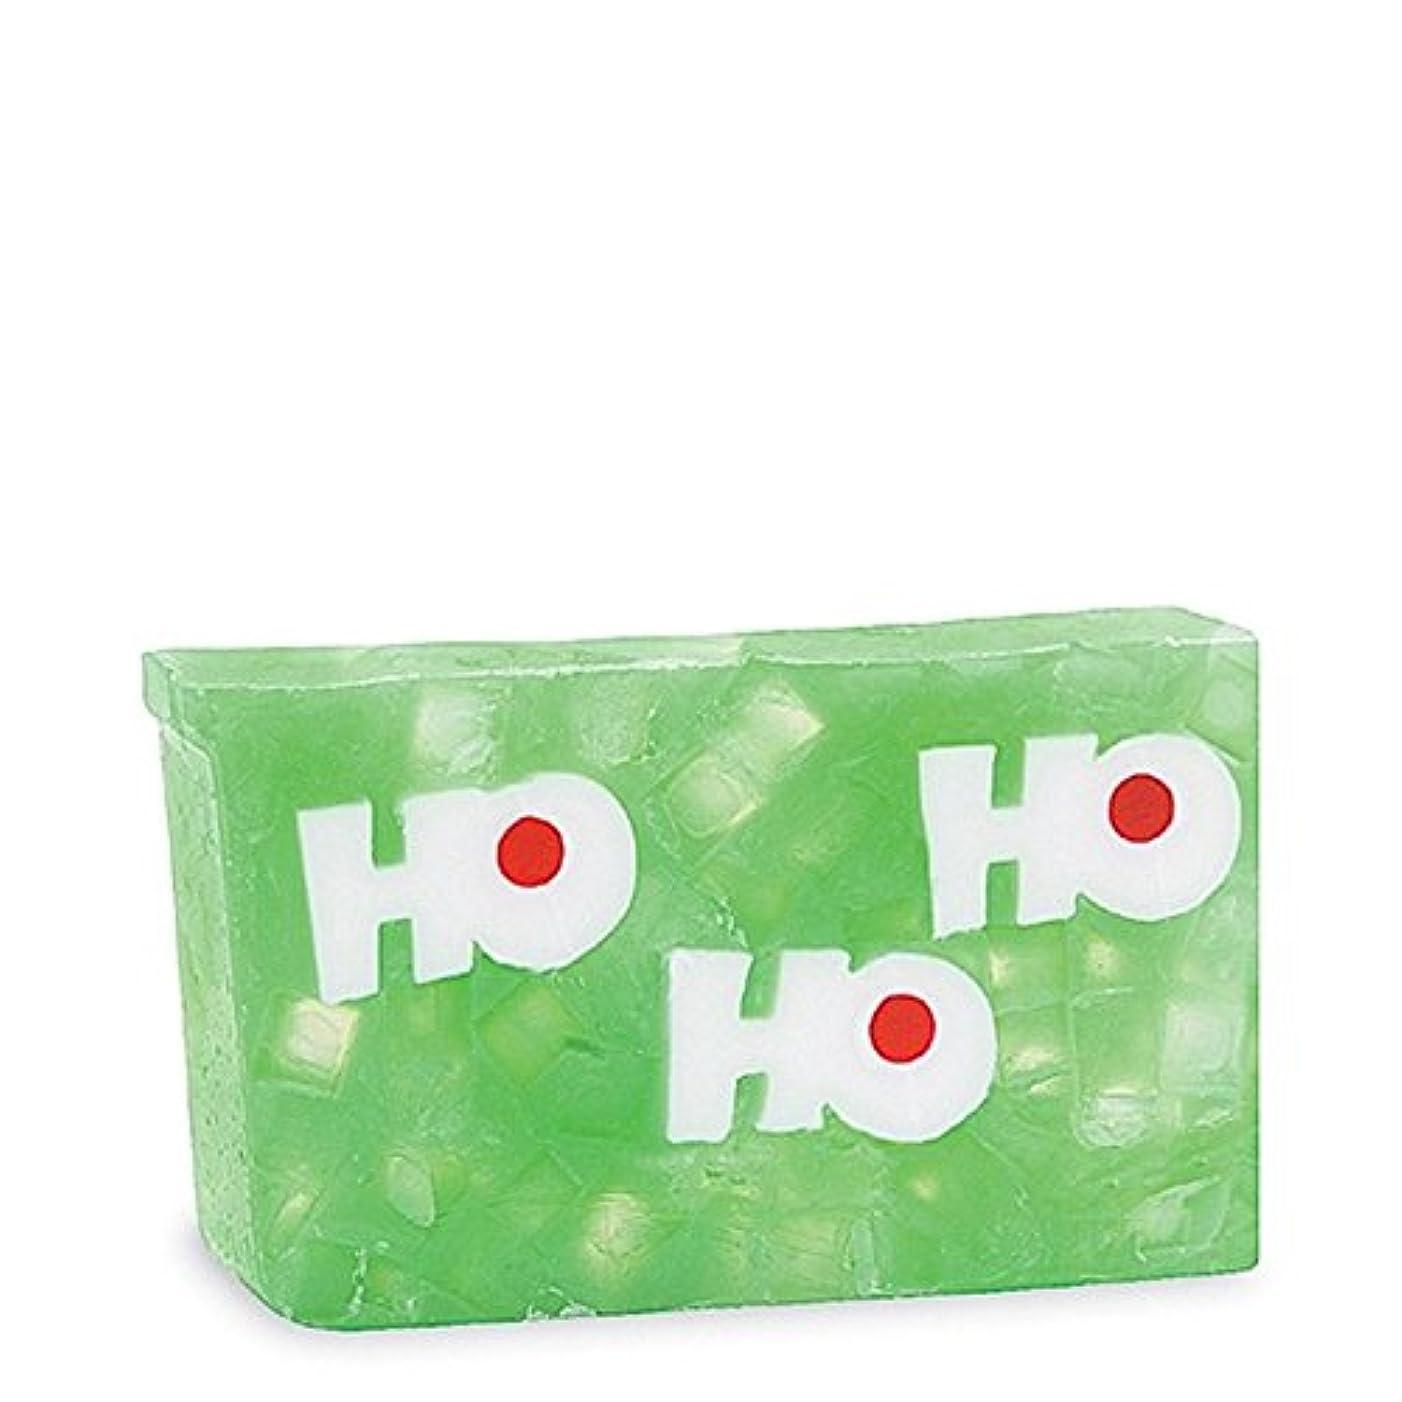 堤防安息不条理原初の要素ホーホーホ石鹸 x4 - Primal Elements Ho Ho Ho Soap (Pack of 4) [並行輸入品]